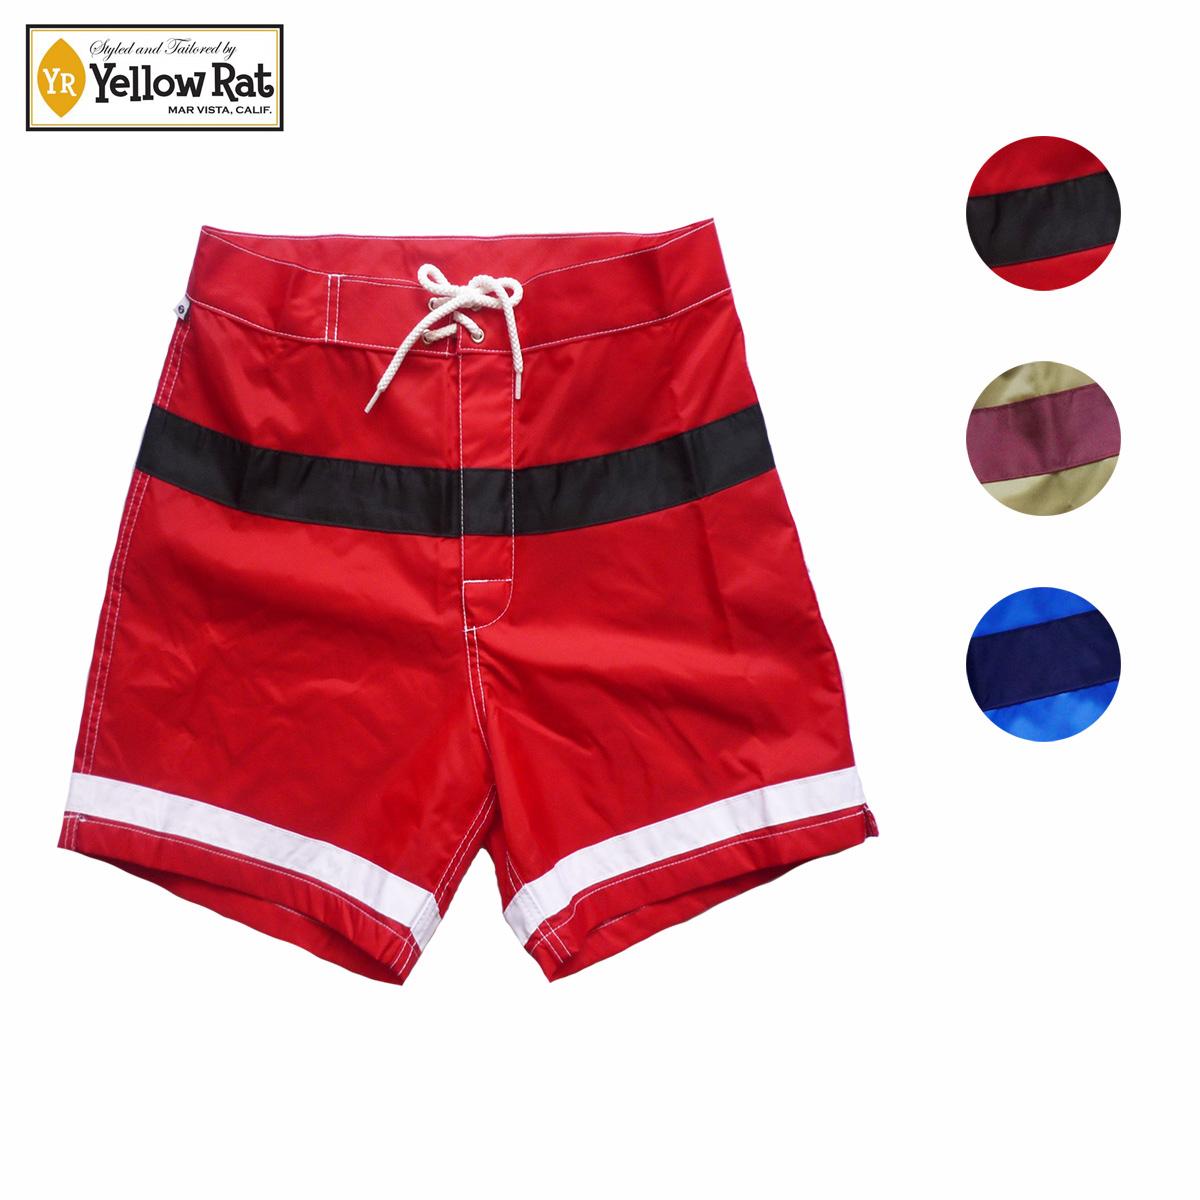 【セール 50%OFF】Yellow Rat イエローラット WINDN' SURF CLUB TRUNKS メンズ レッド/カーキ/ブルー 30-34[トランクス パンツ ボードショーツ ハーフパンツ ショートパンツ アメリカ製 サーフ アメカジ ブランド]